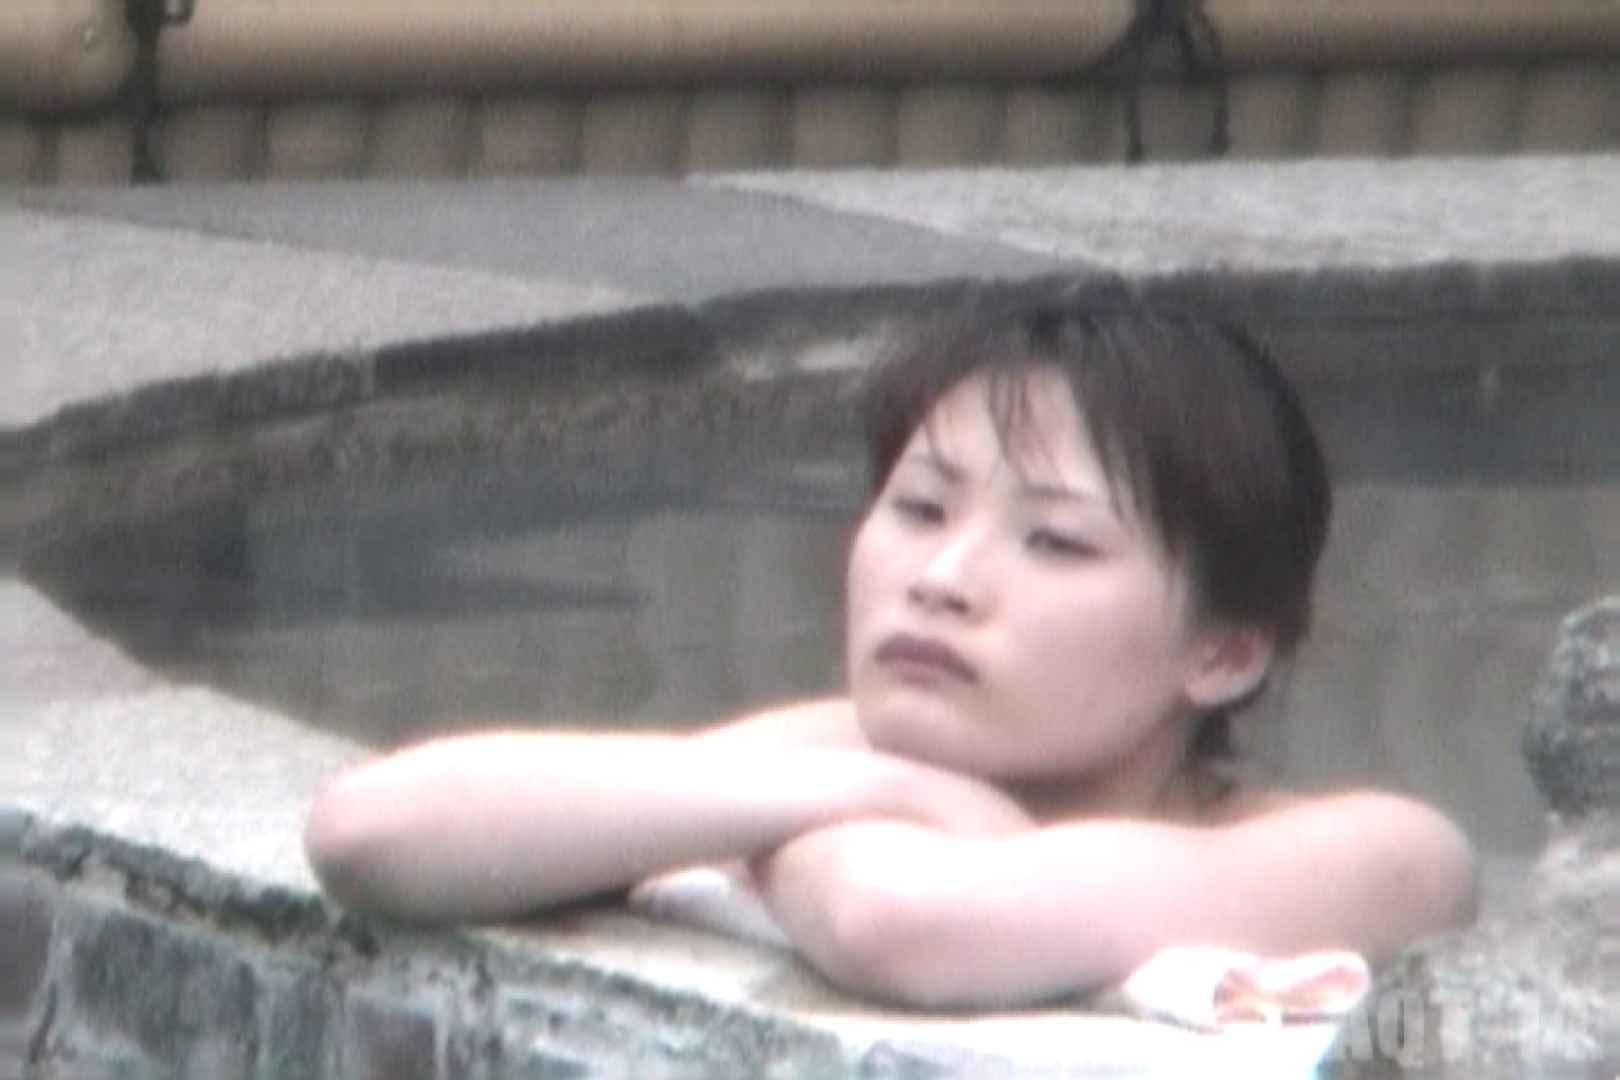 Aquaな露天風呂Vol.822 美しいOLの裸体  75pic 27